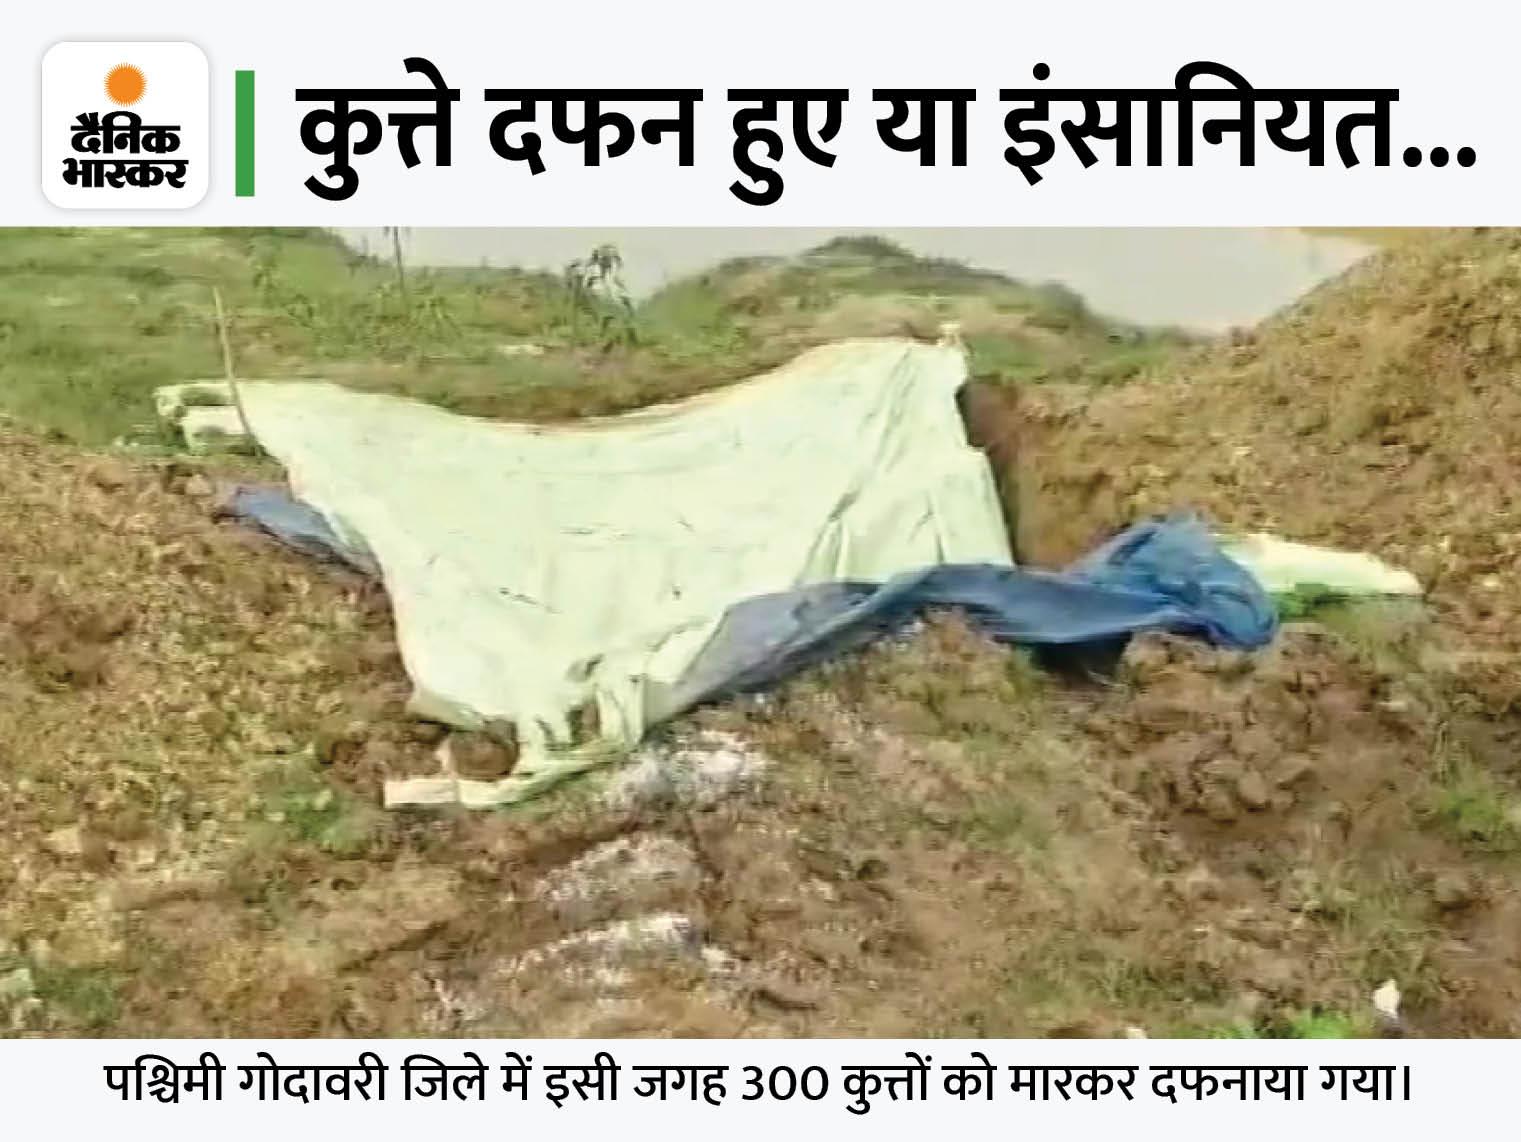 पश्चिम गाेदावरी में पंचायत के फरमान पर 300 कुत्तों को जहरीला इंजेक्शन देकर मार डाला, एक साथ गड्ढे में दफनाया|देश,National - Dainik Bhaskar